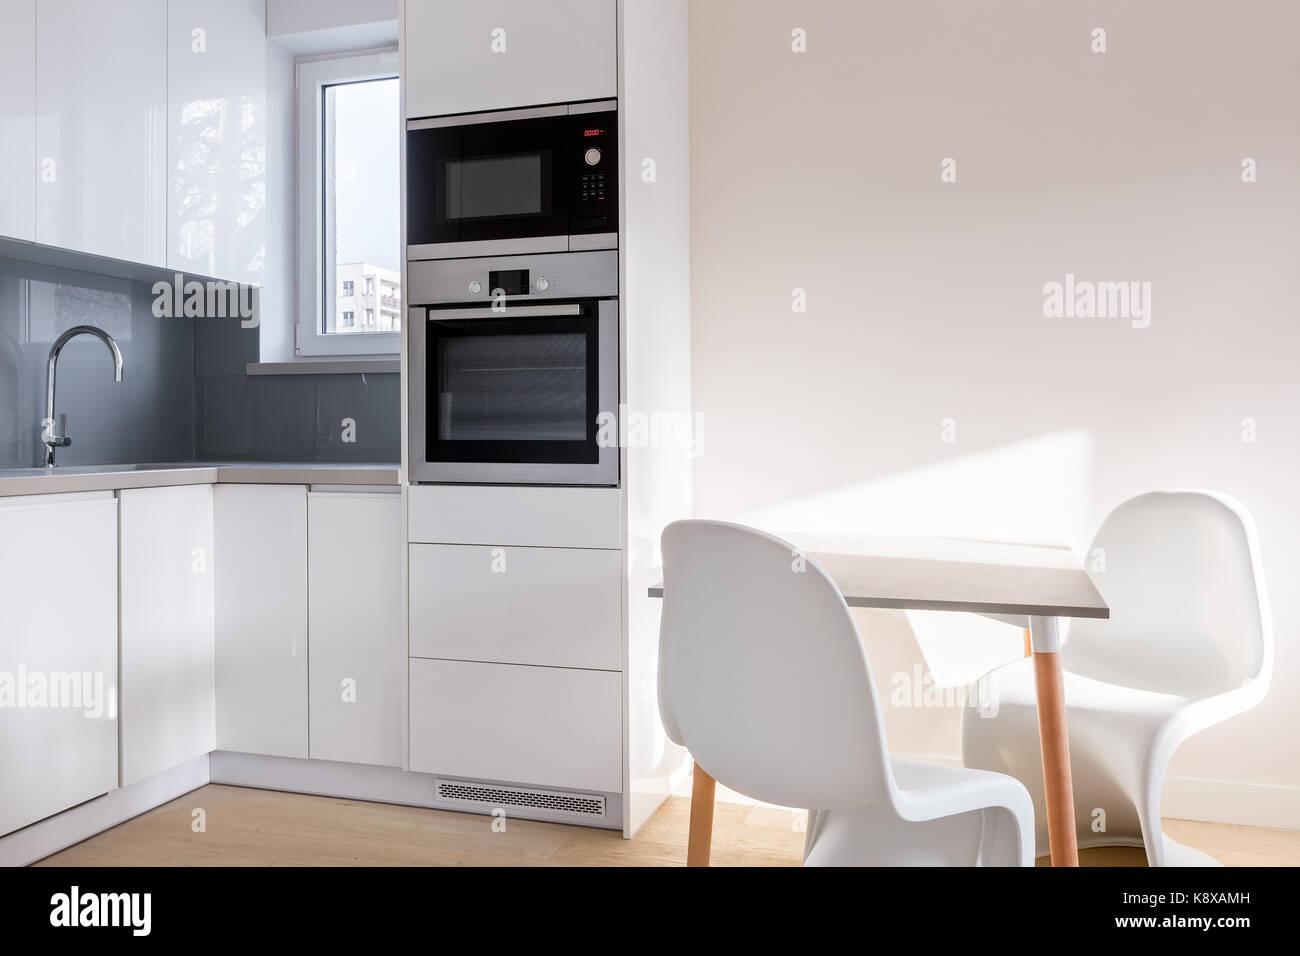 Cocina blanca con mesa y dos sillas modernas Foto & Imagen De Stock ...